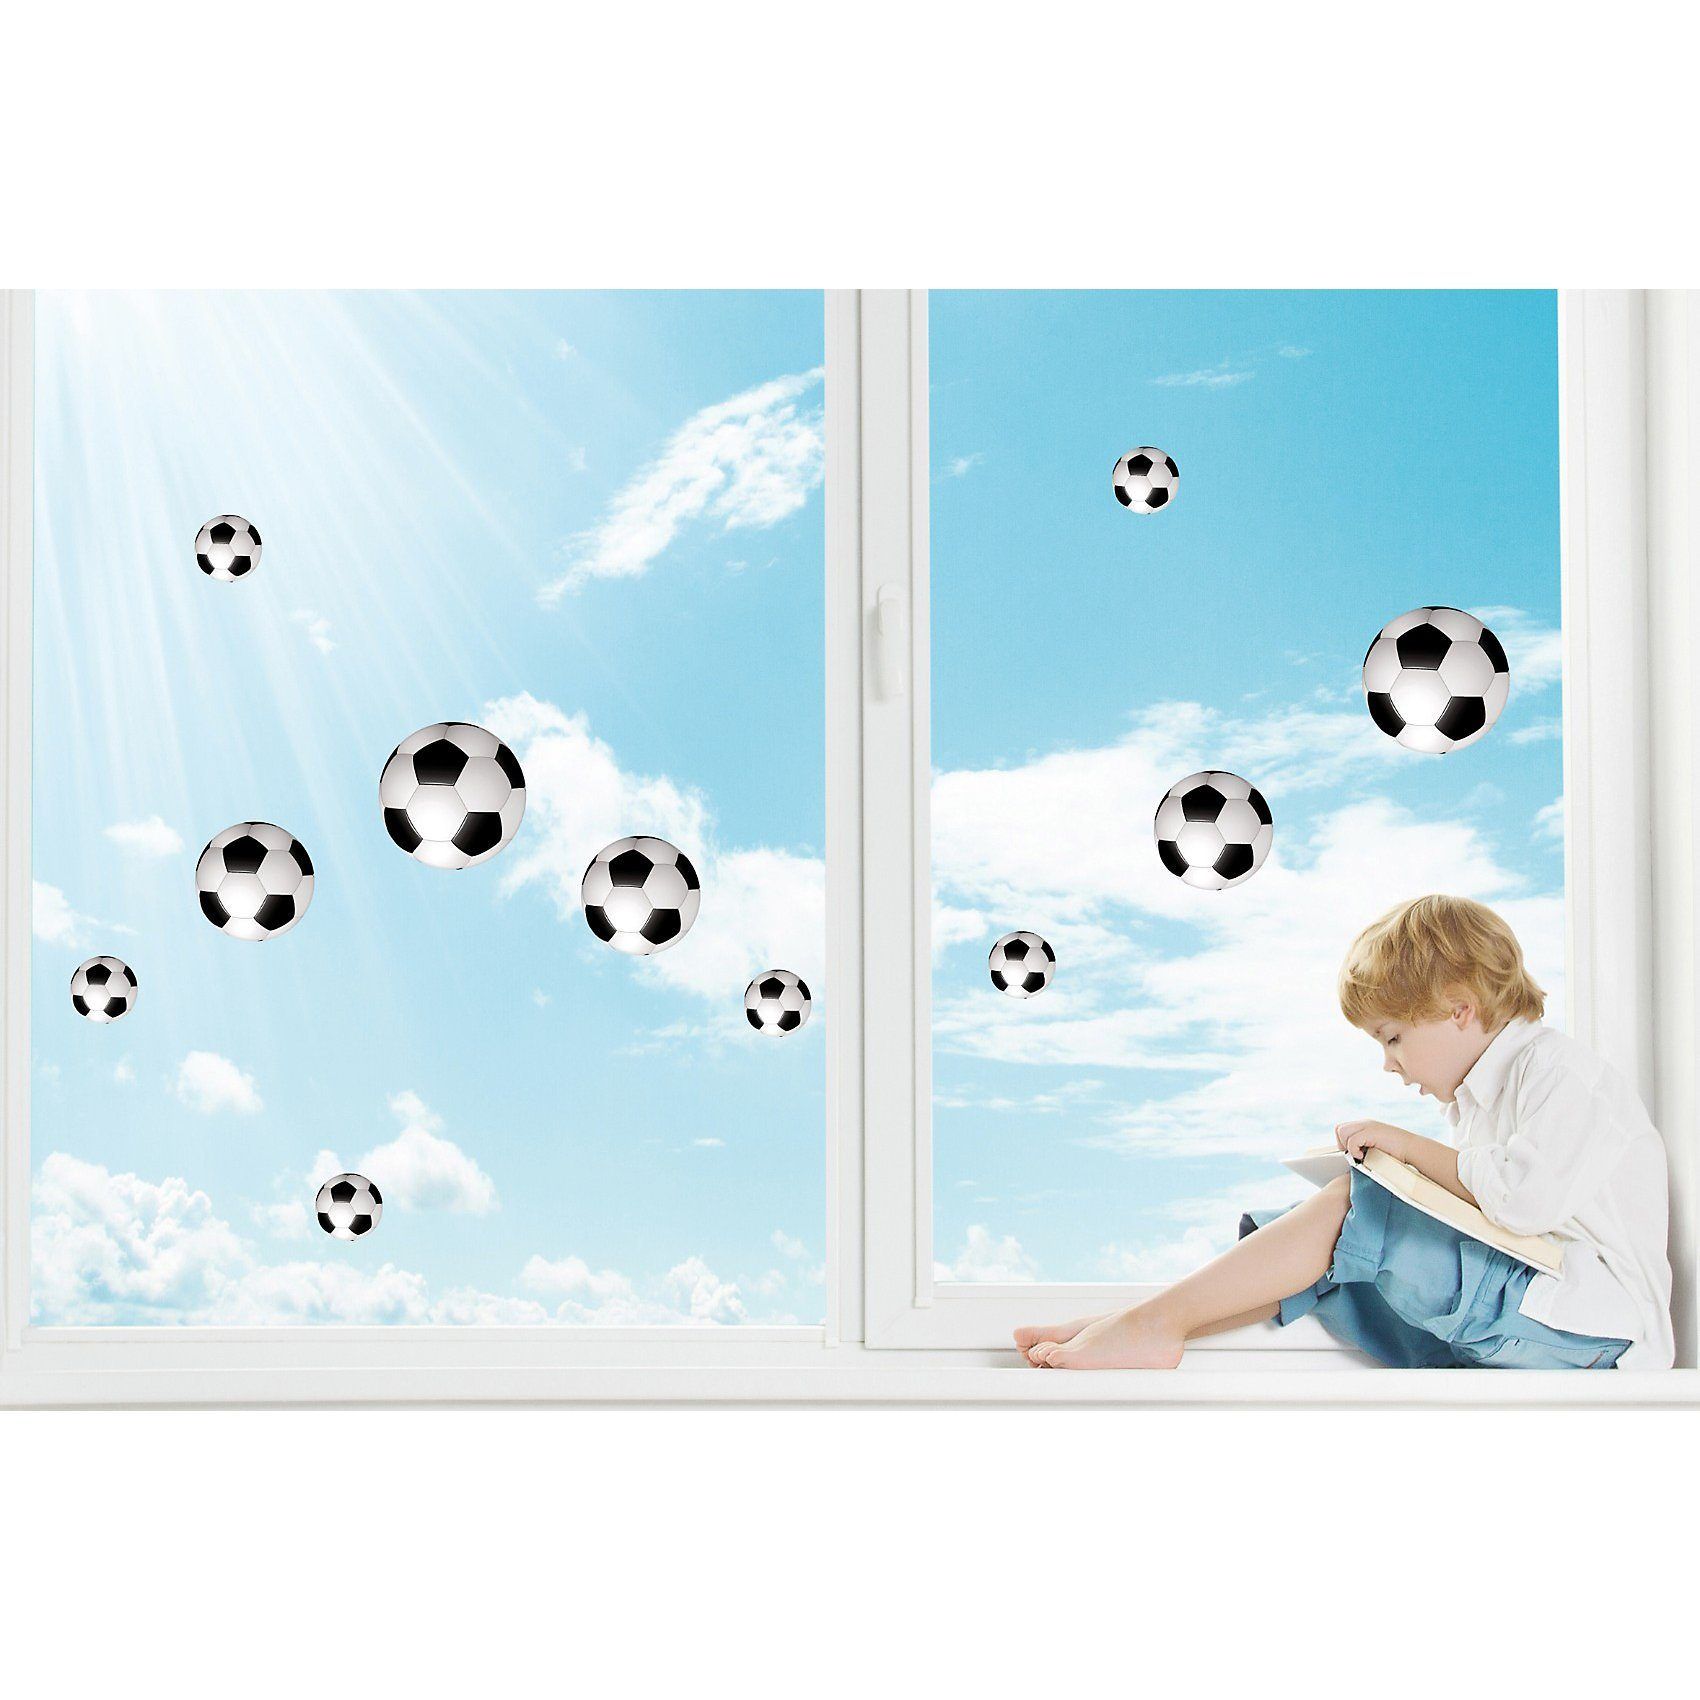 Fenster Sticker Fußbälle, 11-tlg.